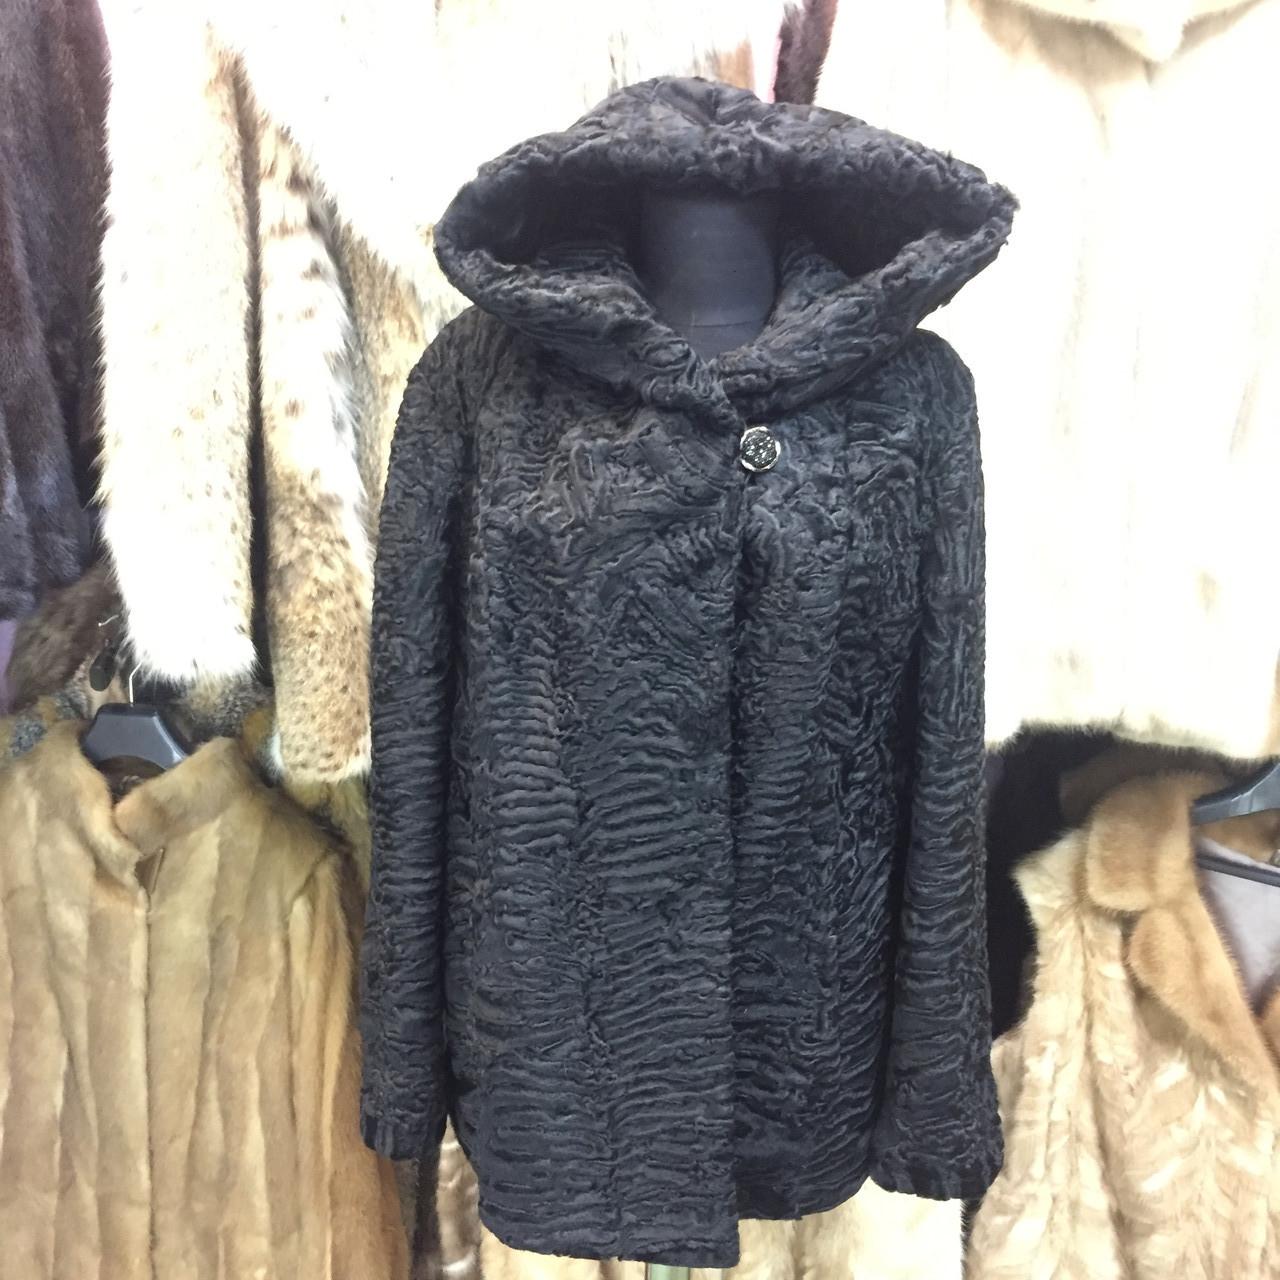 Каракульча черная свакара шуба полушубок с капюшоном каракульча натур. размер 48 50 натуральный мех